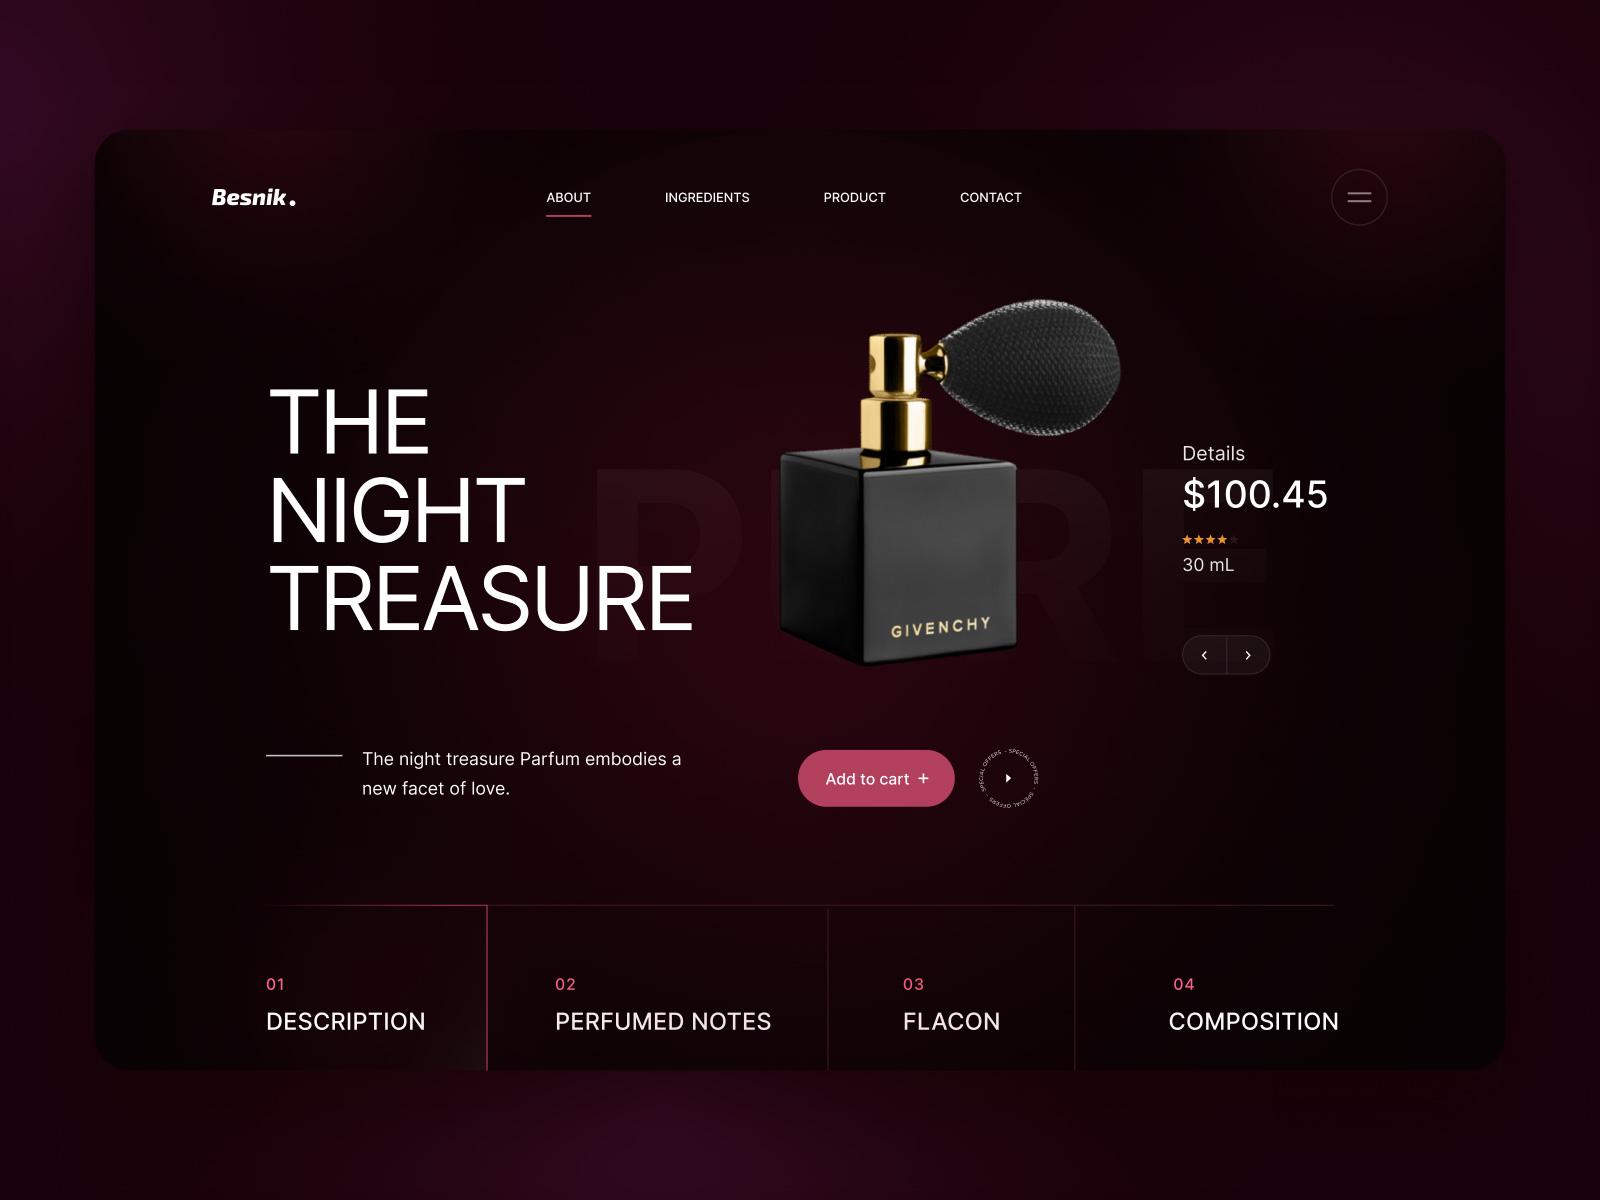 香水化妆品商店网站网页设计模板插图